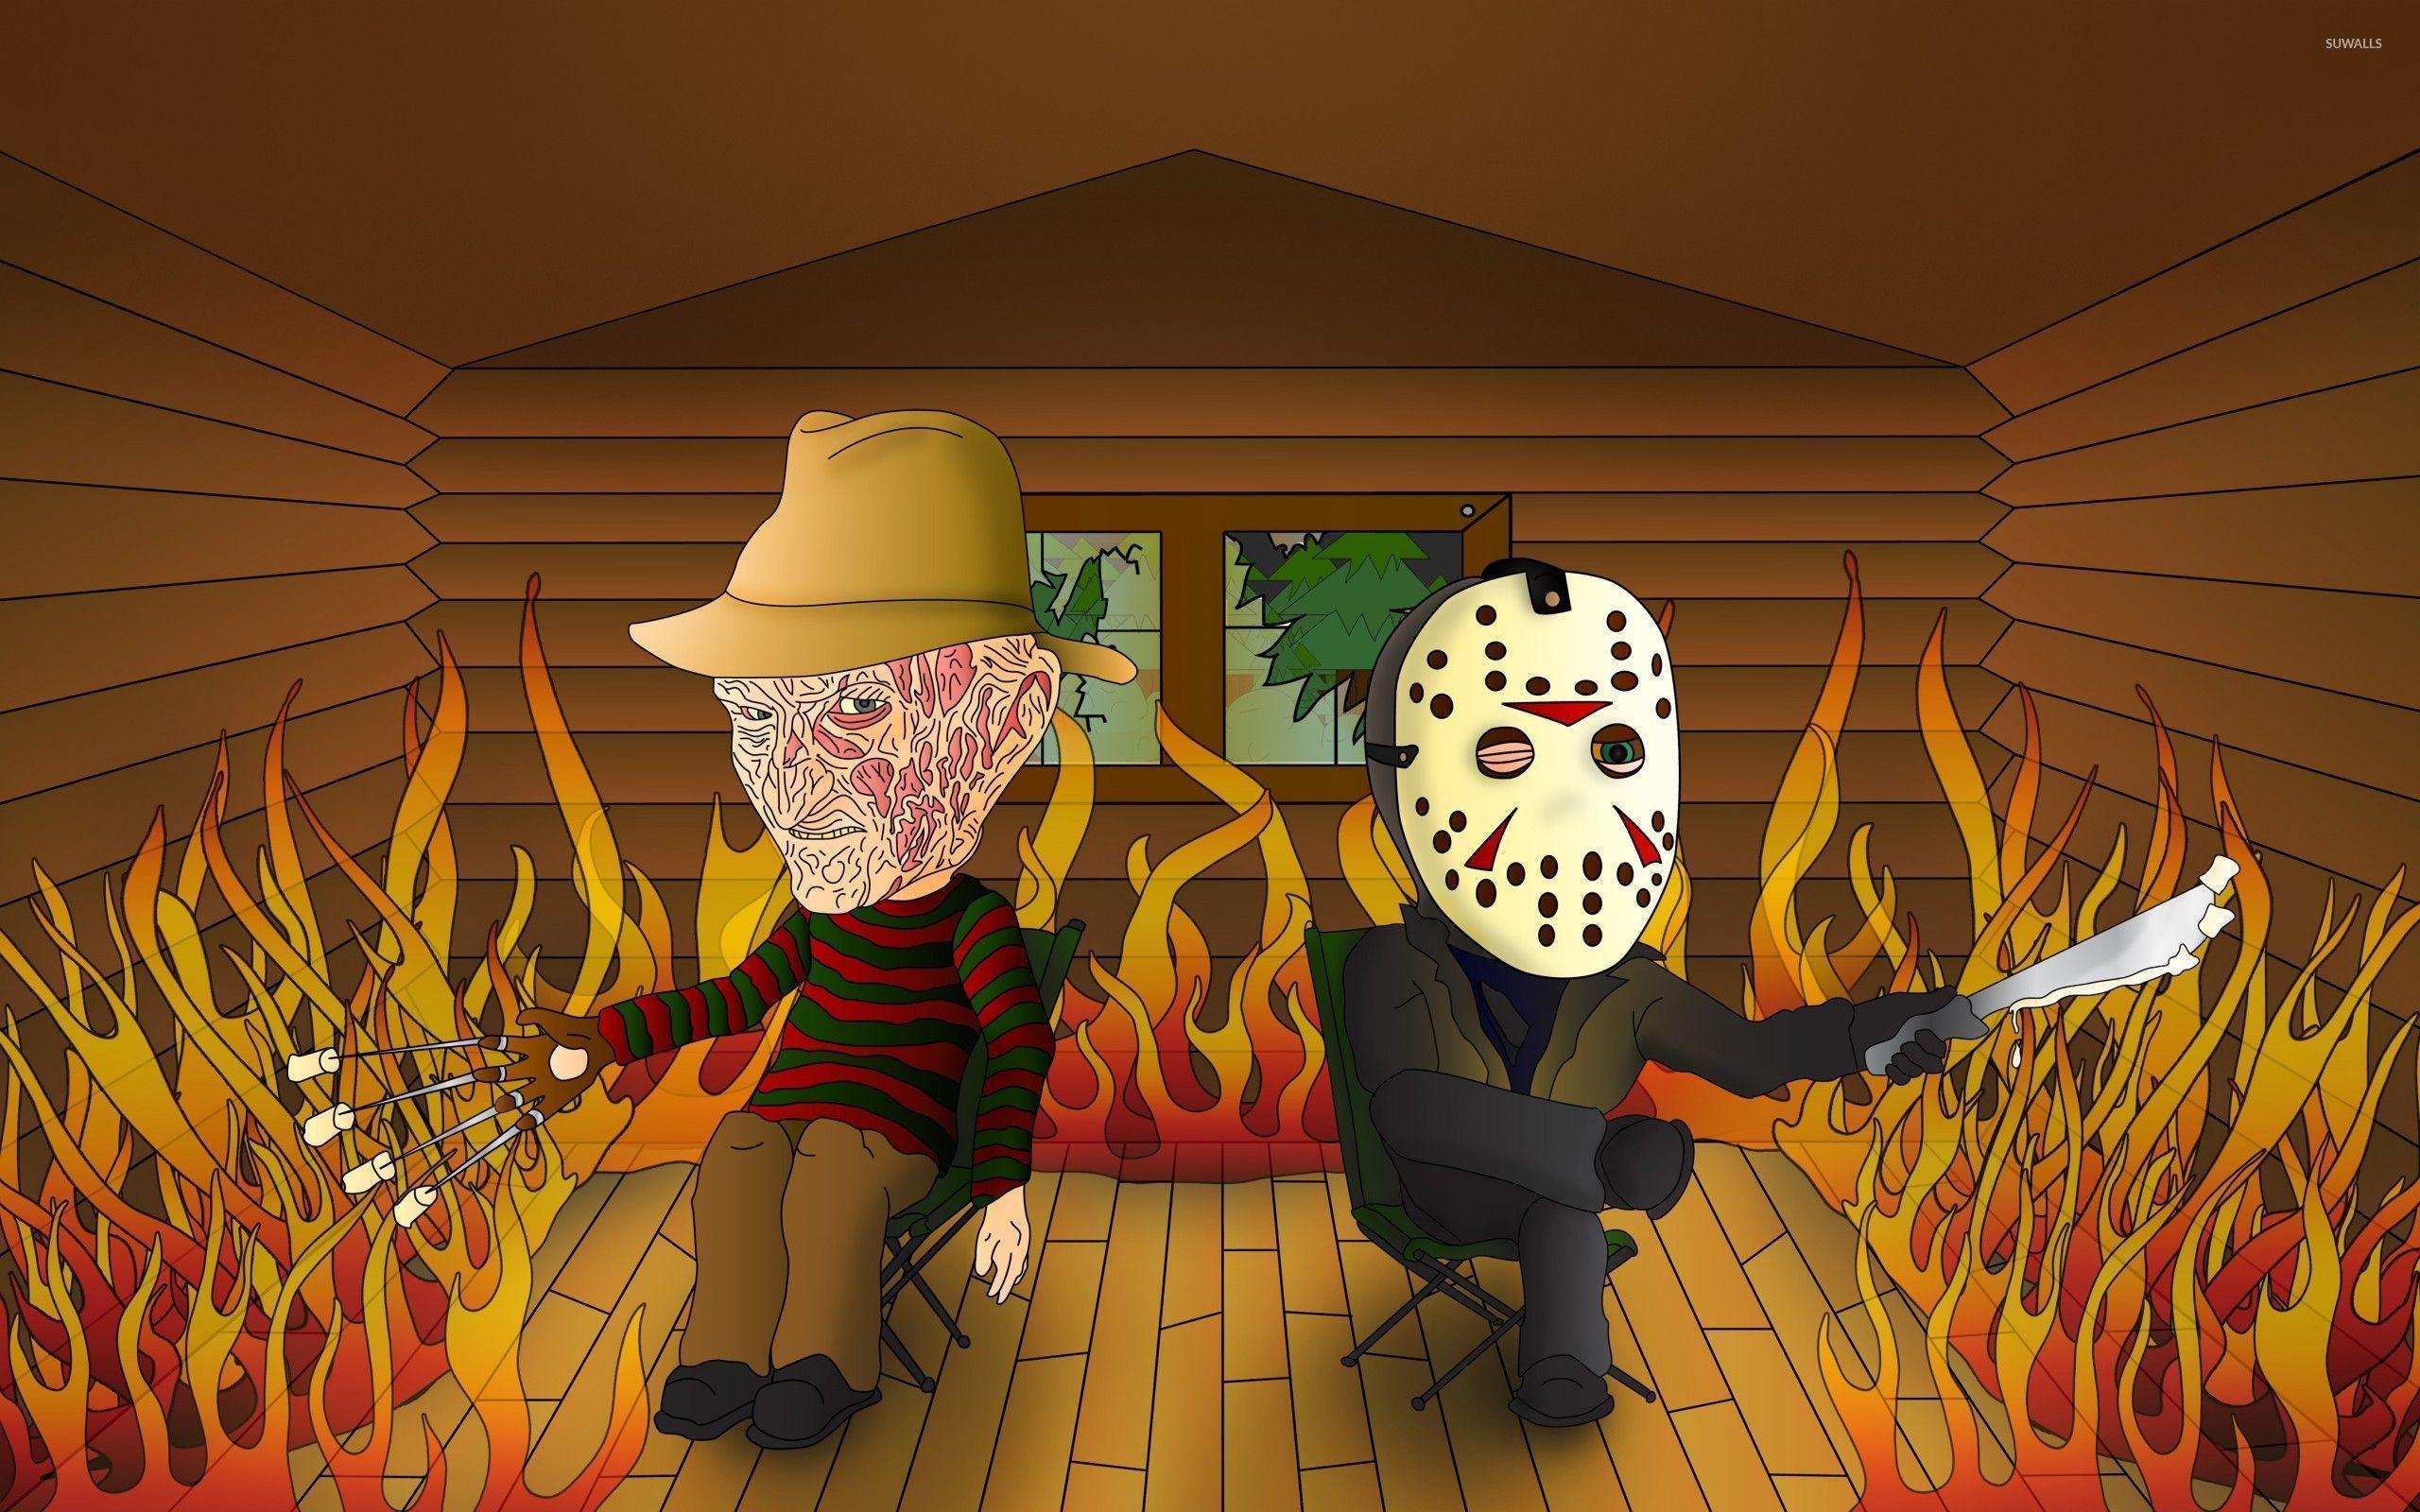 Freddy vs Jason - Jason Voorhees Wallpaper (24260878) - Fanpop